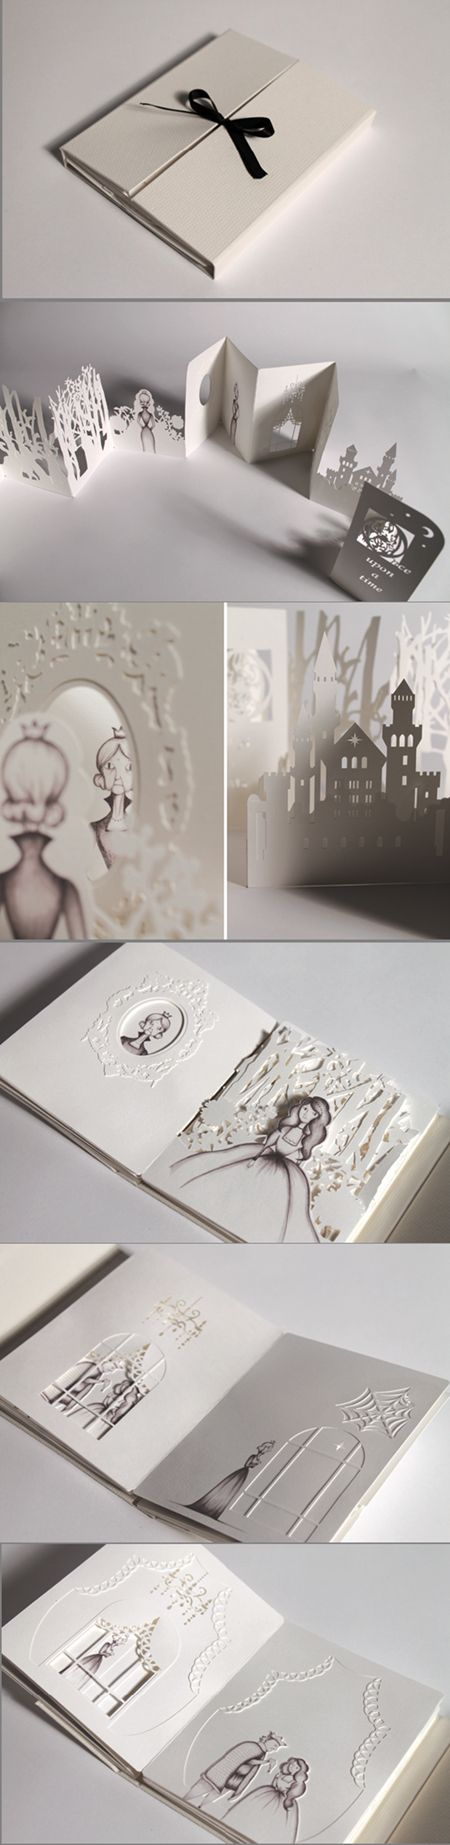 Hiroko Matshushita的剪纸书作品